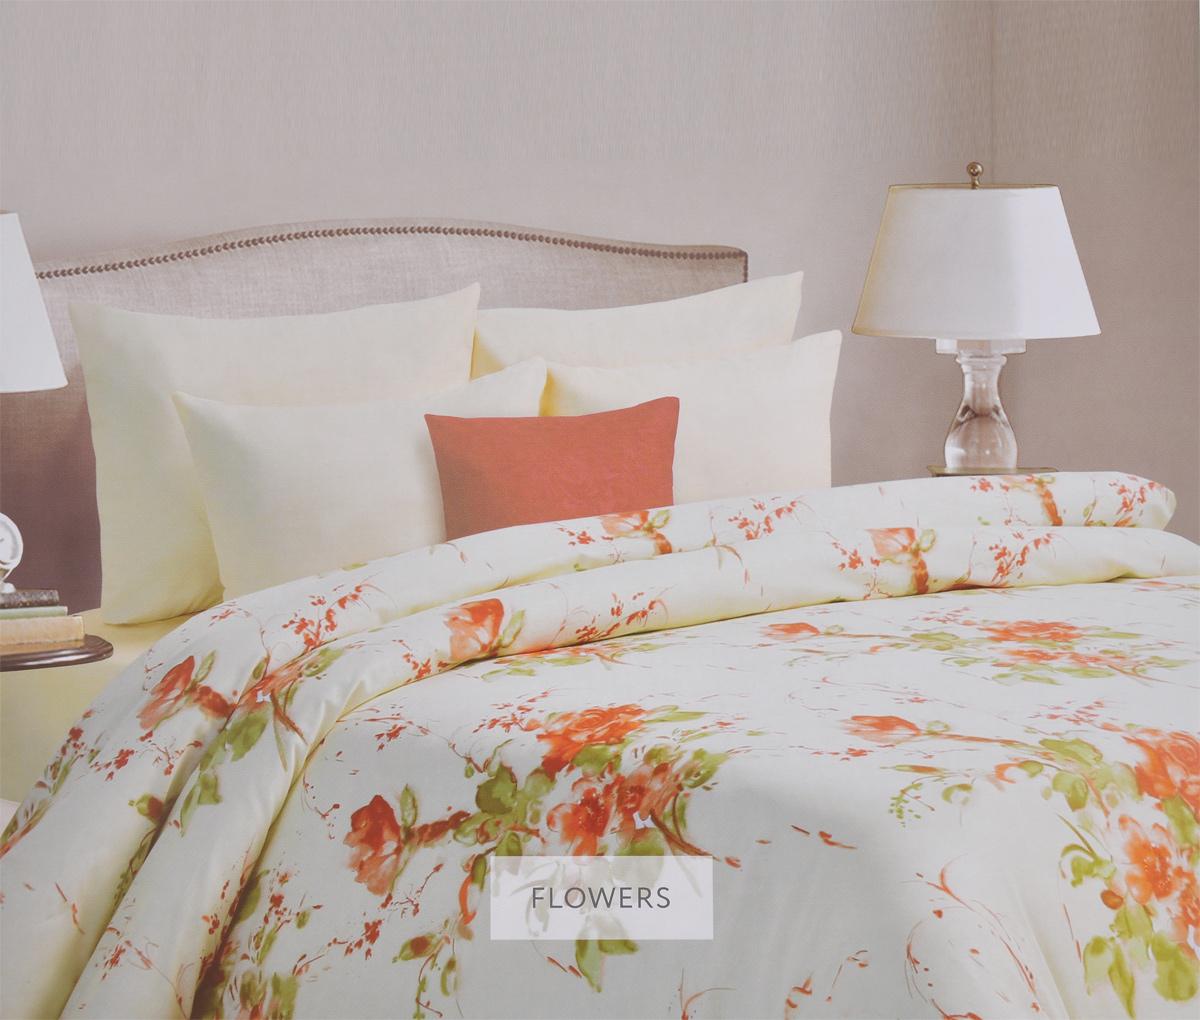 Комплект белья Mona Liza Flowers, 2-спальный, наволочки 70х70, цвет: бежевый, светло-зеленый. 562203/6562203/6Комплект белья Mona Liza Flowers, выполненный из батиста (100% хлопок), состоит из пододеяльника, простыни и двух наволочек. Изделия оформлены красивым цветочным рисунком. Батист - тонкая, легкая, полупрозрачная натуральная ткань полотняного переплетения. Батист, несомненно, является одной из самых аристократичных и совершенных тканей. Он отличается нежностью, трепетной утонченностью и изысканностью. Ткань с незначительной сминаемостью, хорошо сохраняющая цвет при стирке, легкая, с прекрасными гигиеническими показателями. В комплект входит: Пододеяльник - 1 шт. Размер: 175 см х 210 см. Простыня - 1 шт. Размер: 215 см х 240 см. Наволочка - 2 шт. Размер: 70 см х 70 см. Рекомендации по уходу: - Ручная и машинная стирка 40°С, - Гладить при температуре не более 150°С, - Не использовать хлорсодержащие средства, - Щадящая сушка, - Не подвергать химчистке.